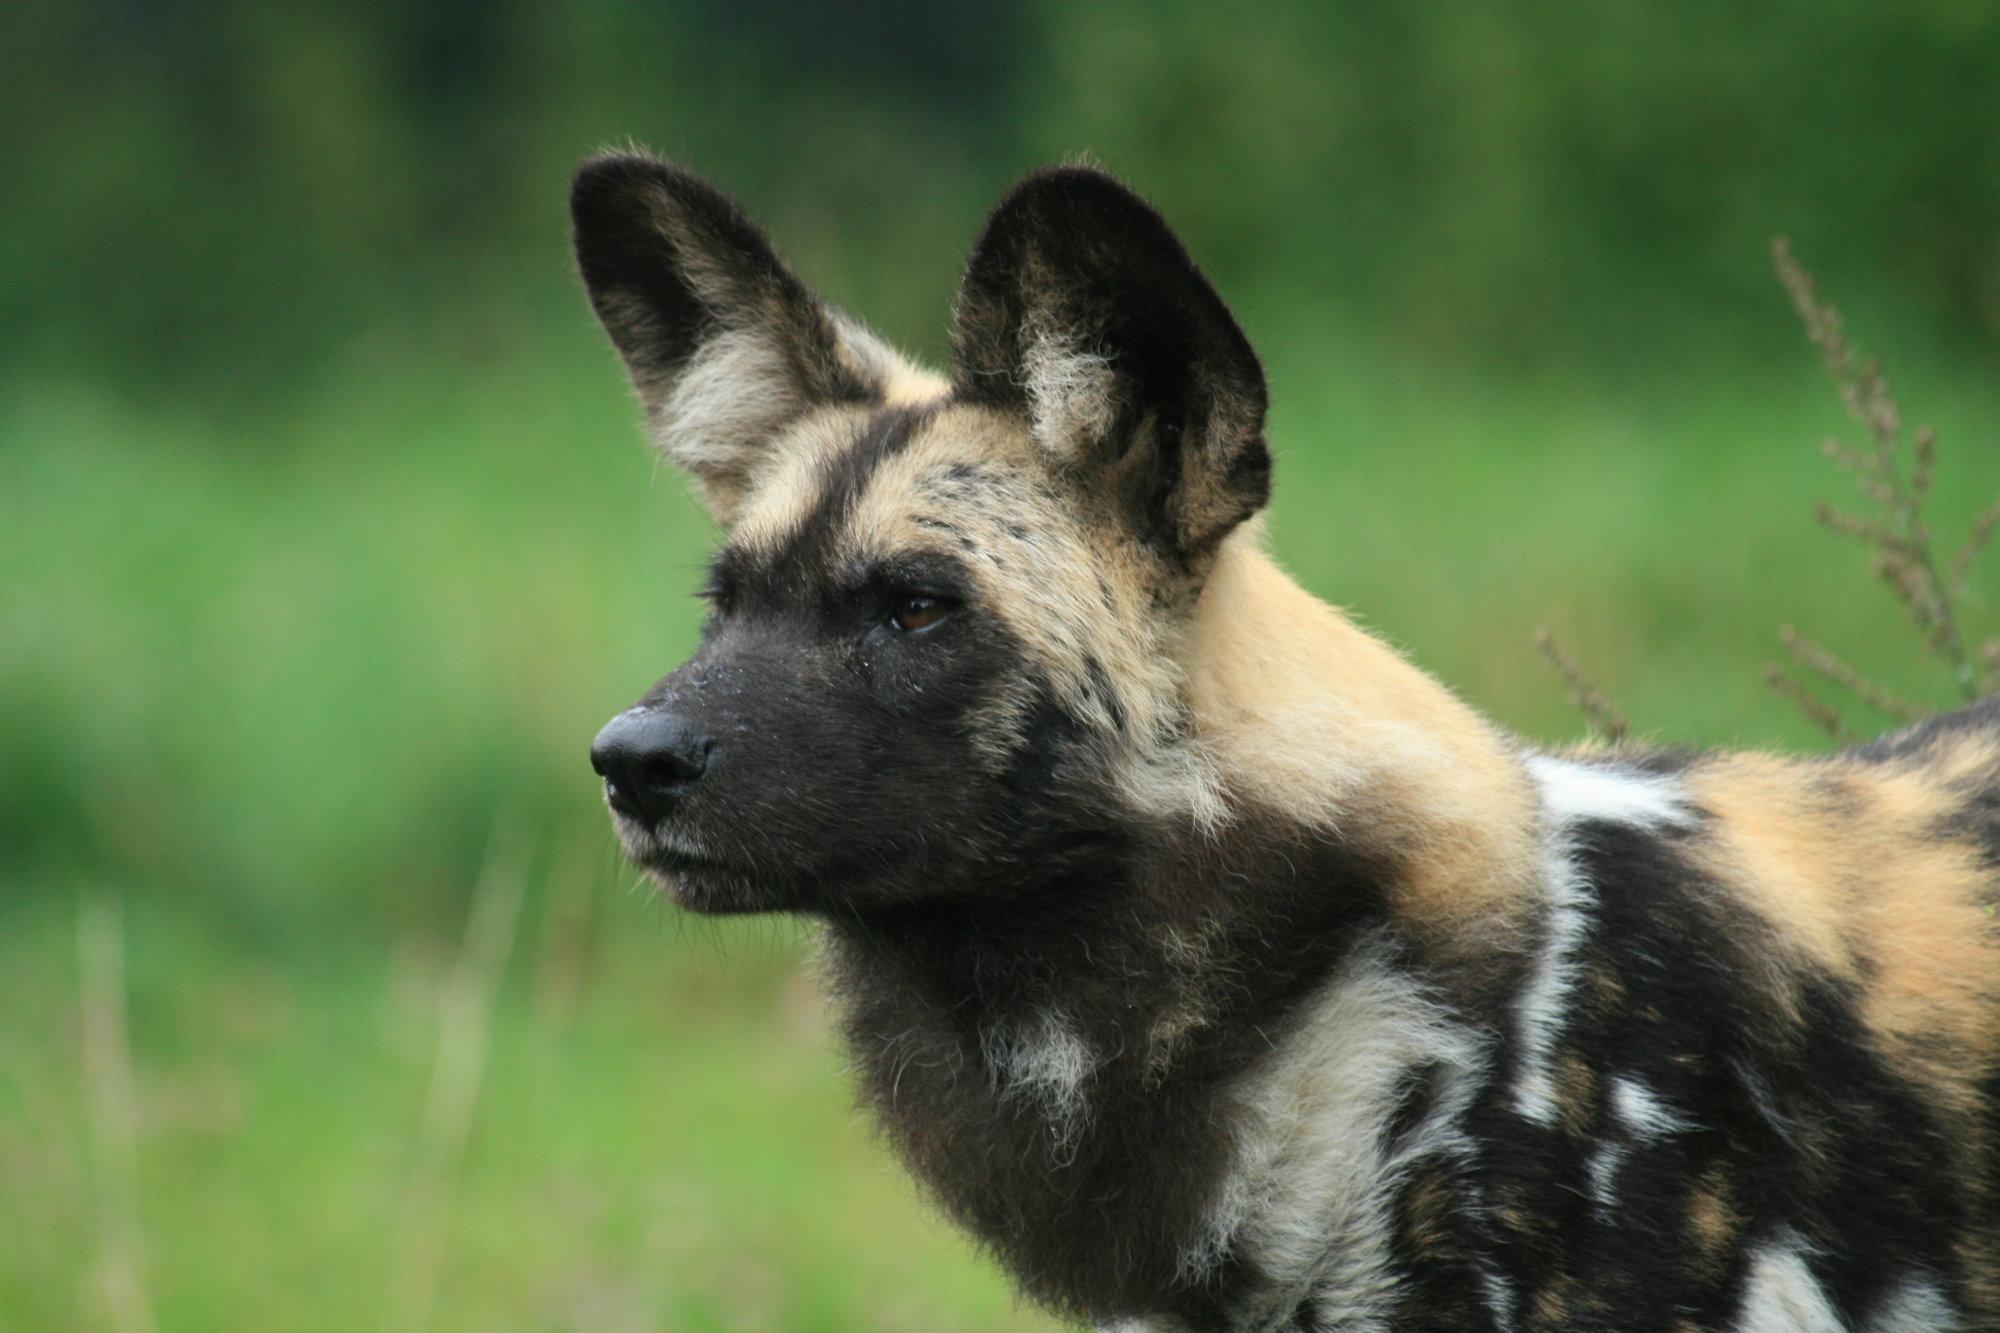 African Wild Dog - Animals Photo (13127775) - Fanpop